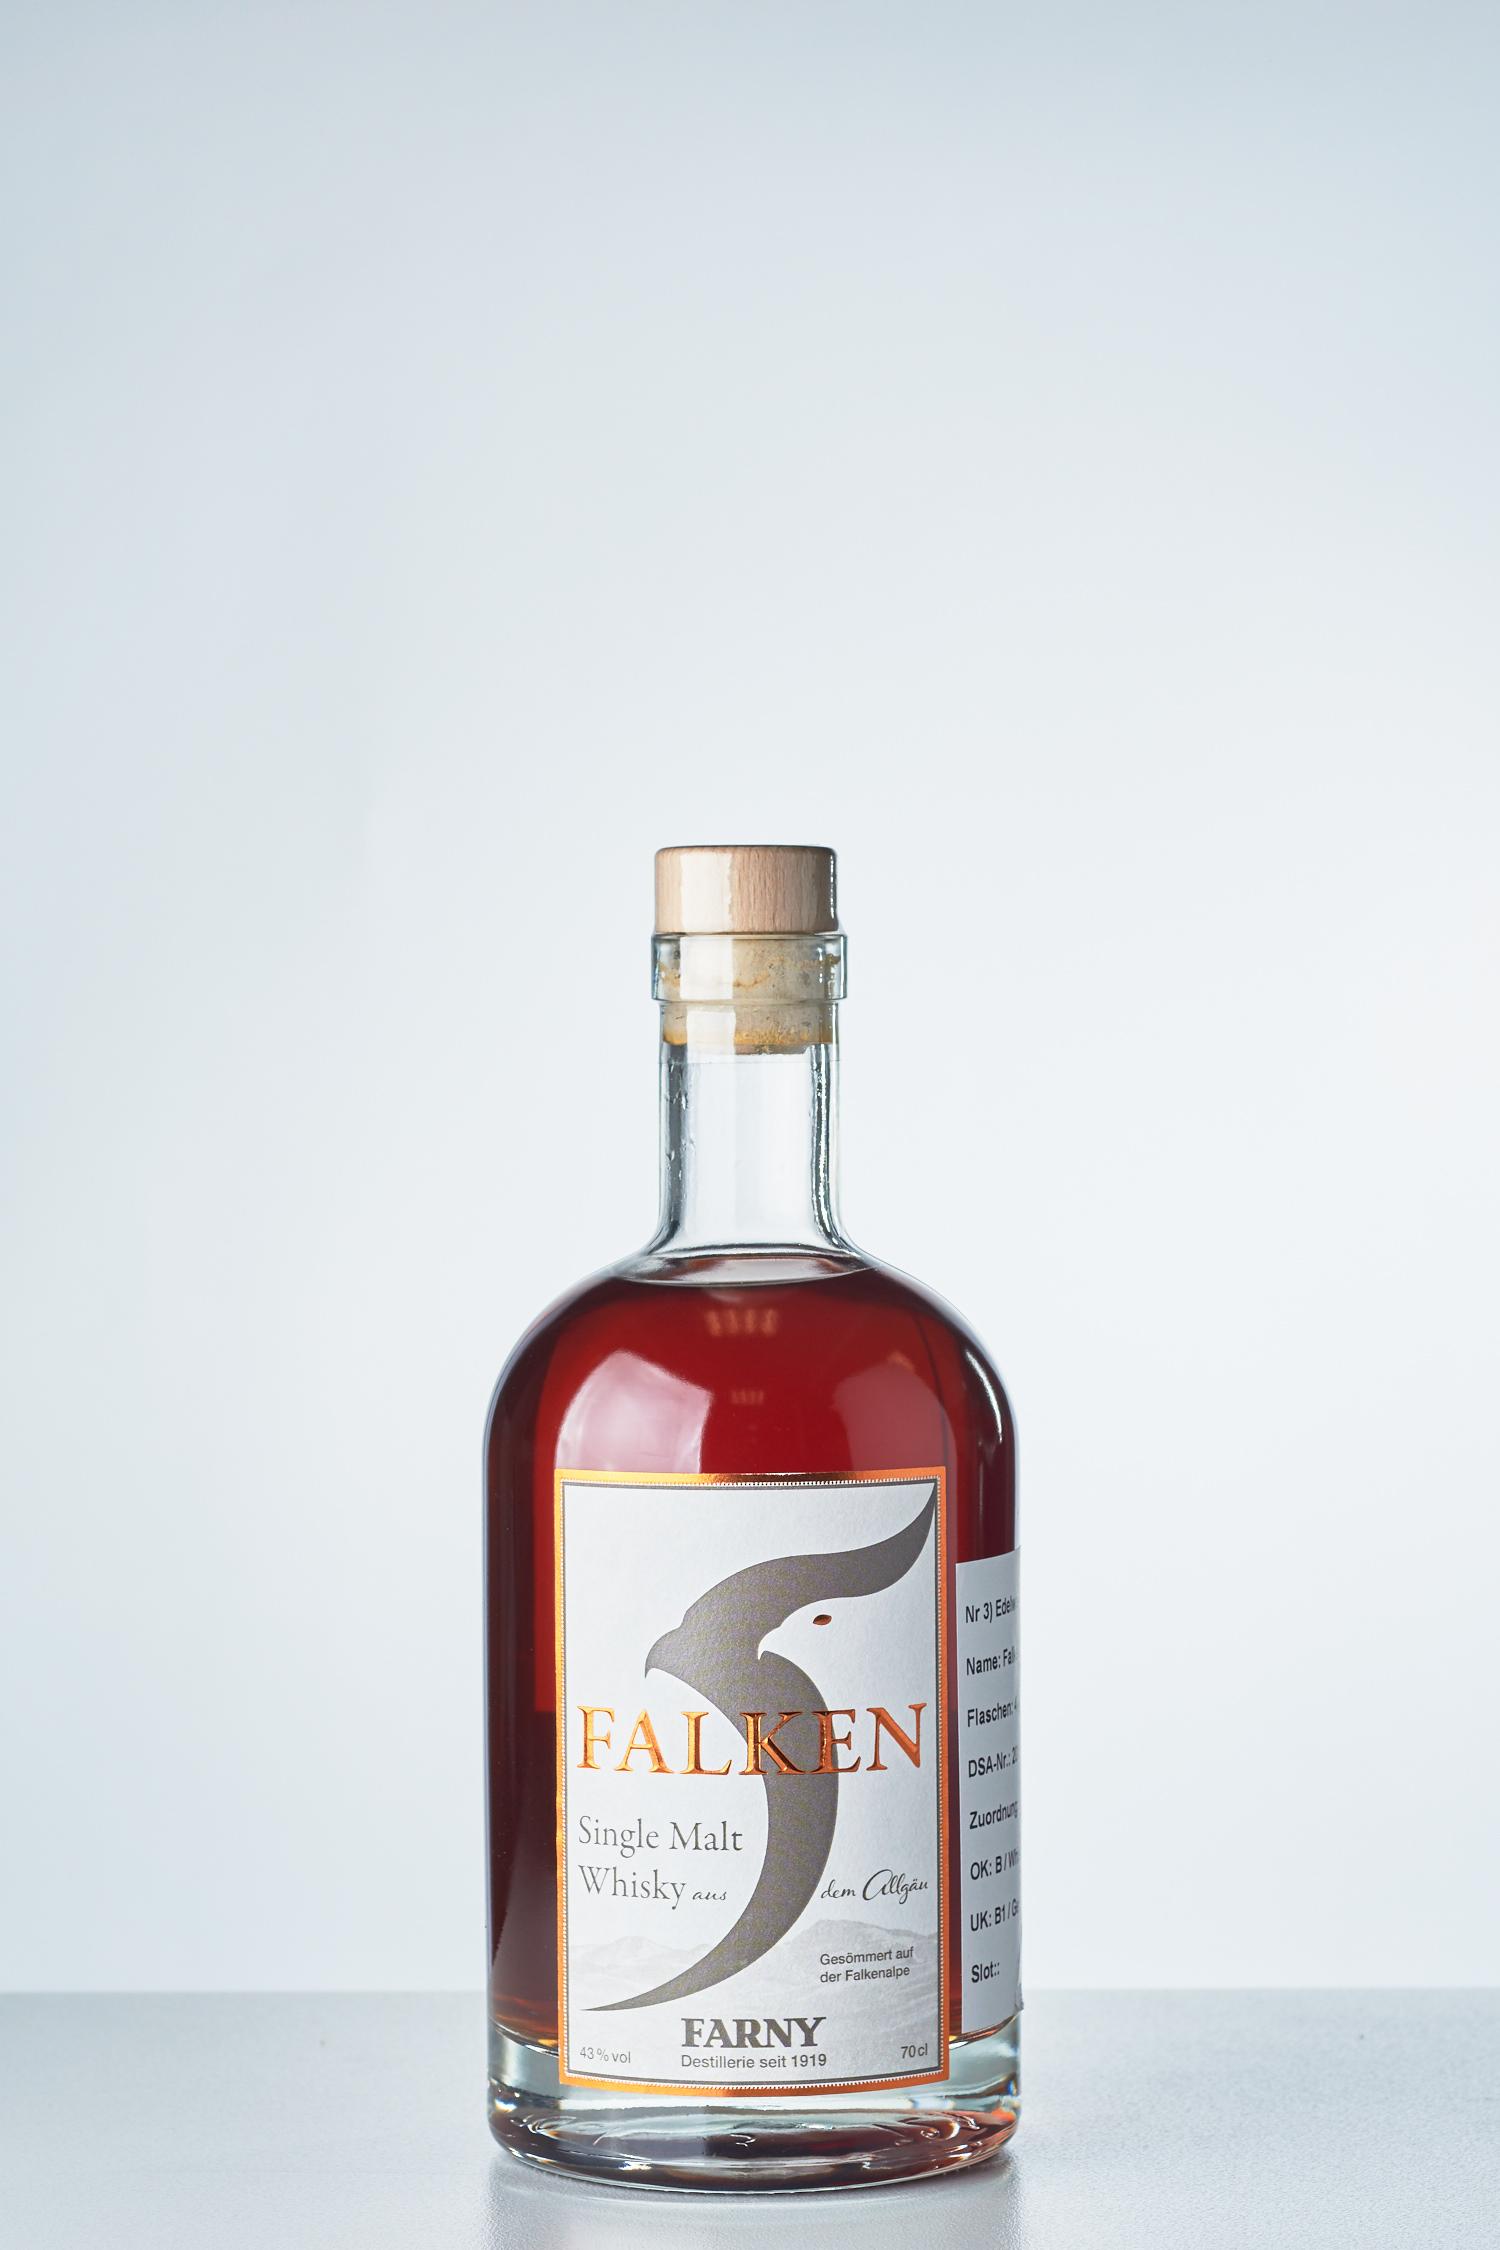 Edelweissbrauerei Farny - Falken Whisky